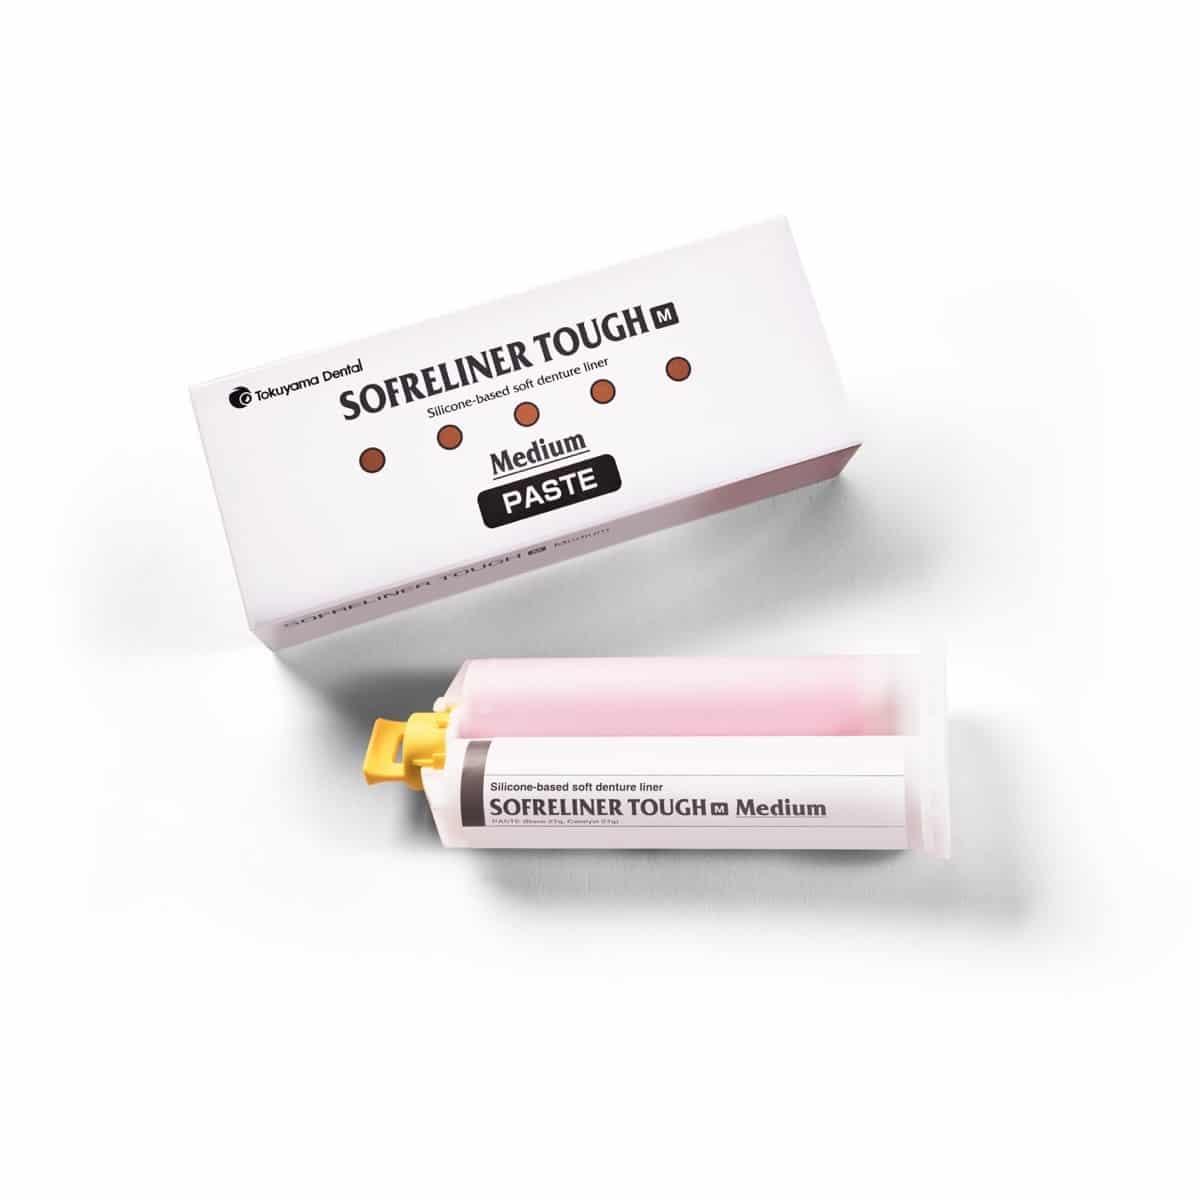 sofreliner_tough_paste_medium